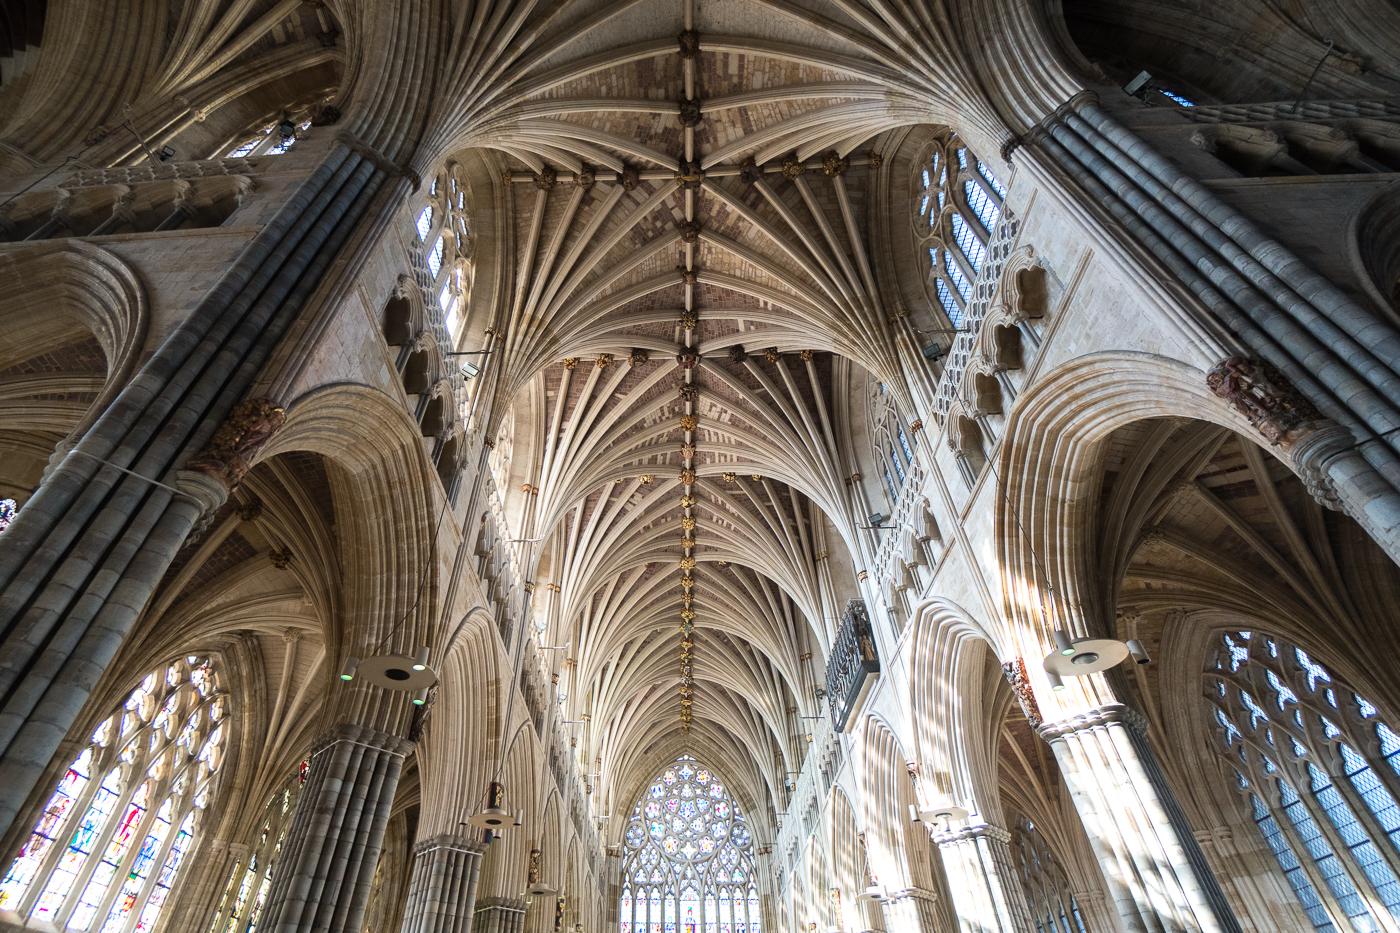 Intérieur et voûtes de la cathédrale d'Exeter en Angleterre au Royaume-Uni